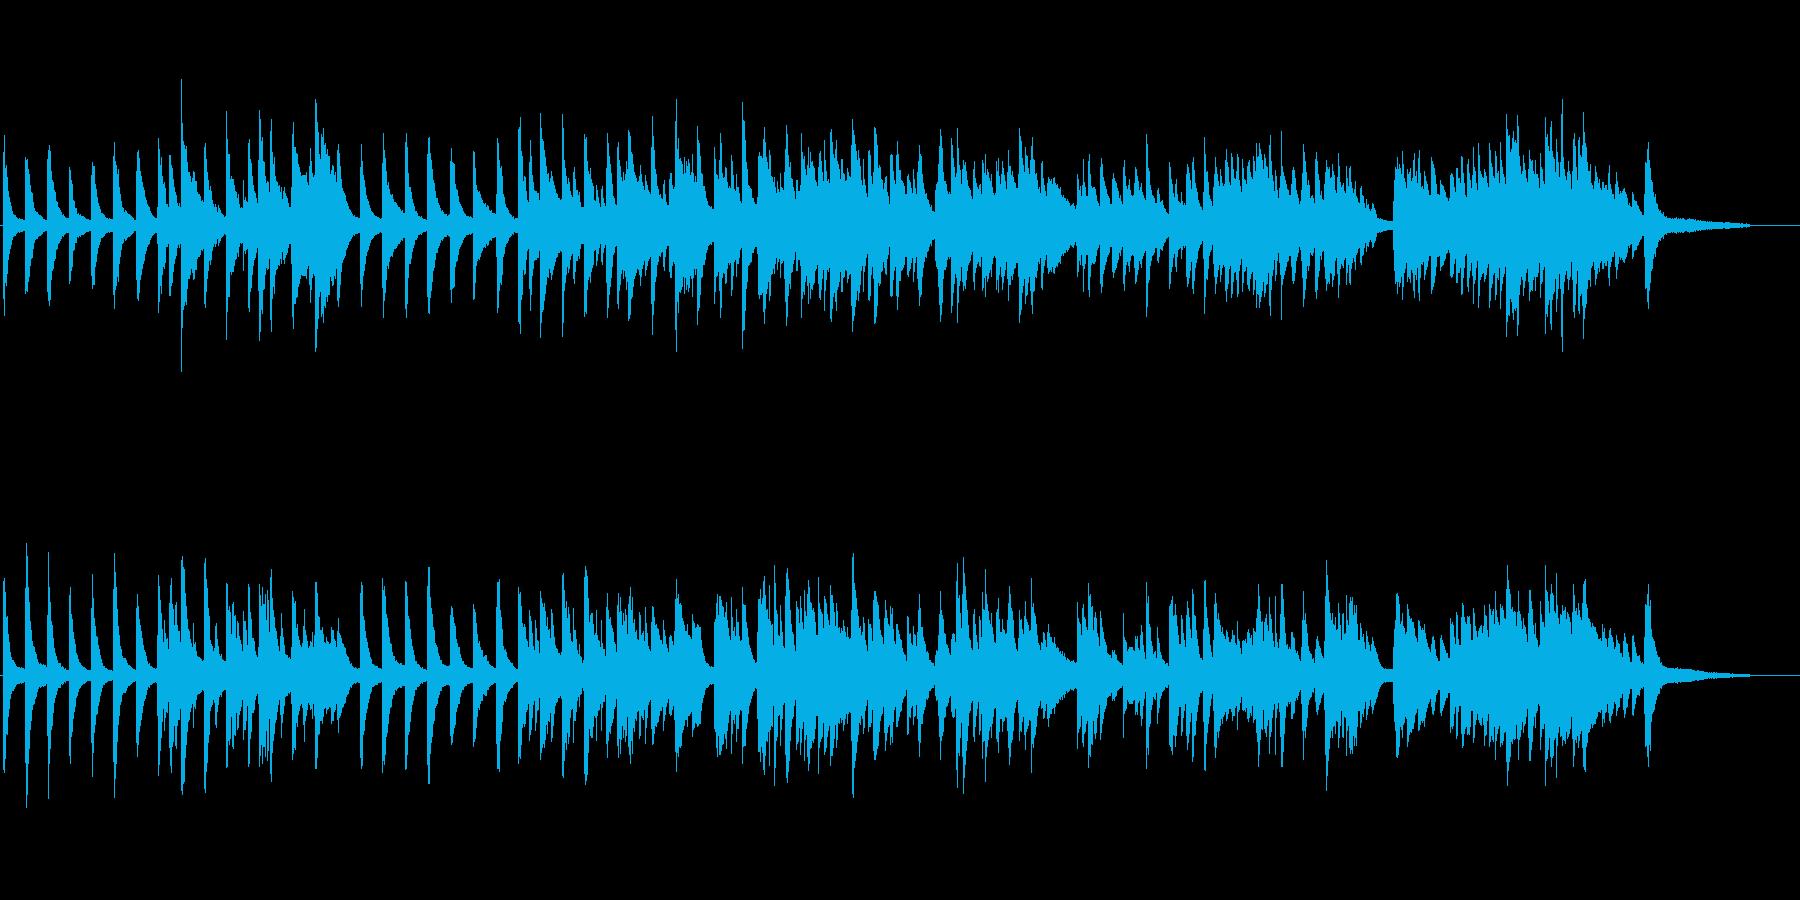 春の別れの雰囲気を表現したピアノ曲の再生済みの波形